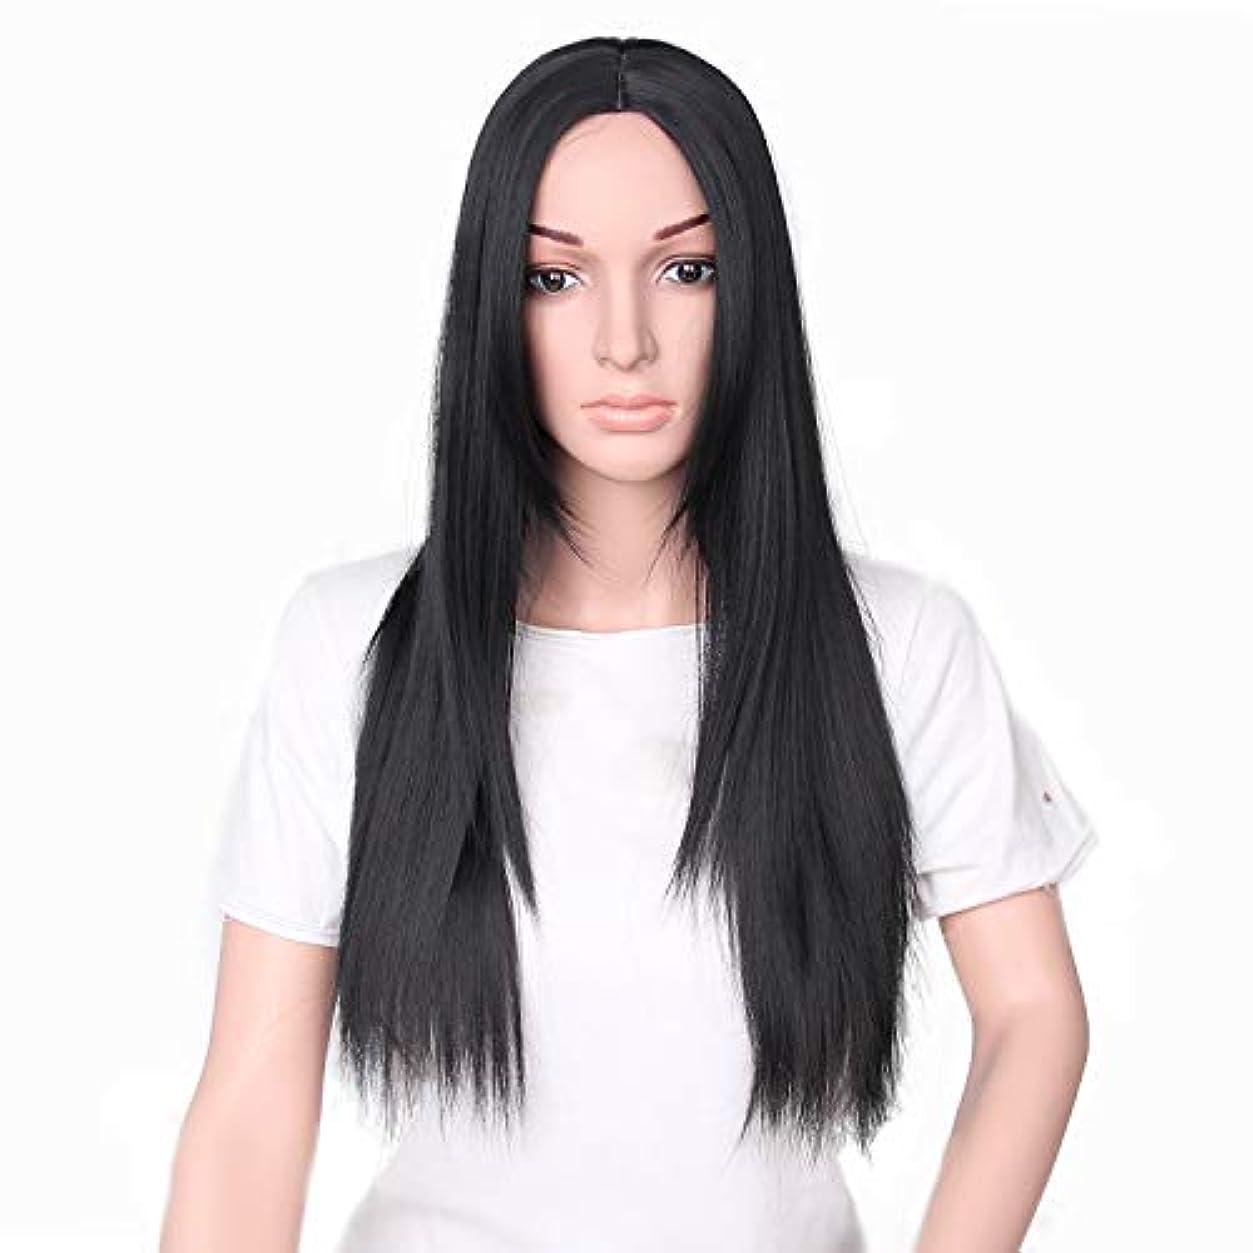 海港別に補足YZUEYT 66cm女性ナチュラルセンター分割ロングストレートブラックヘアウィッグ YZUEYT (Size : One size)